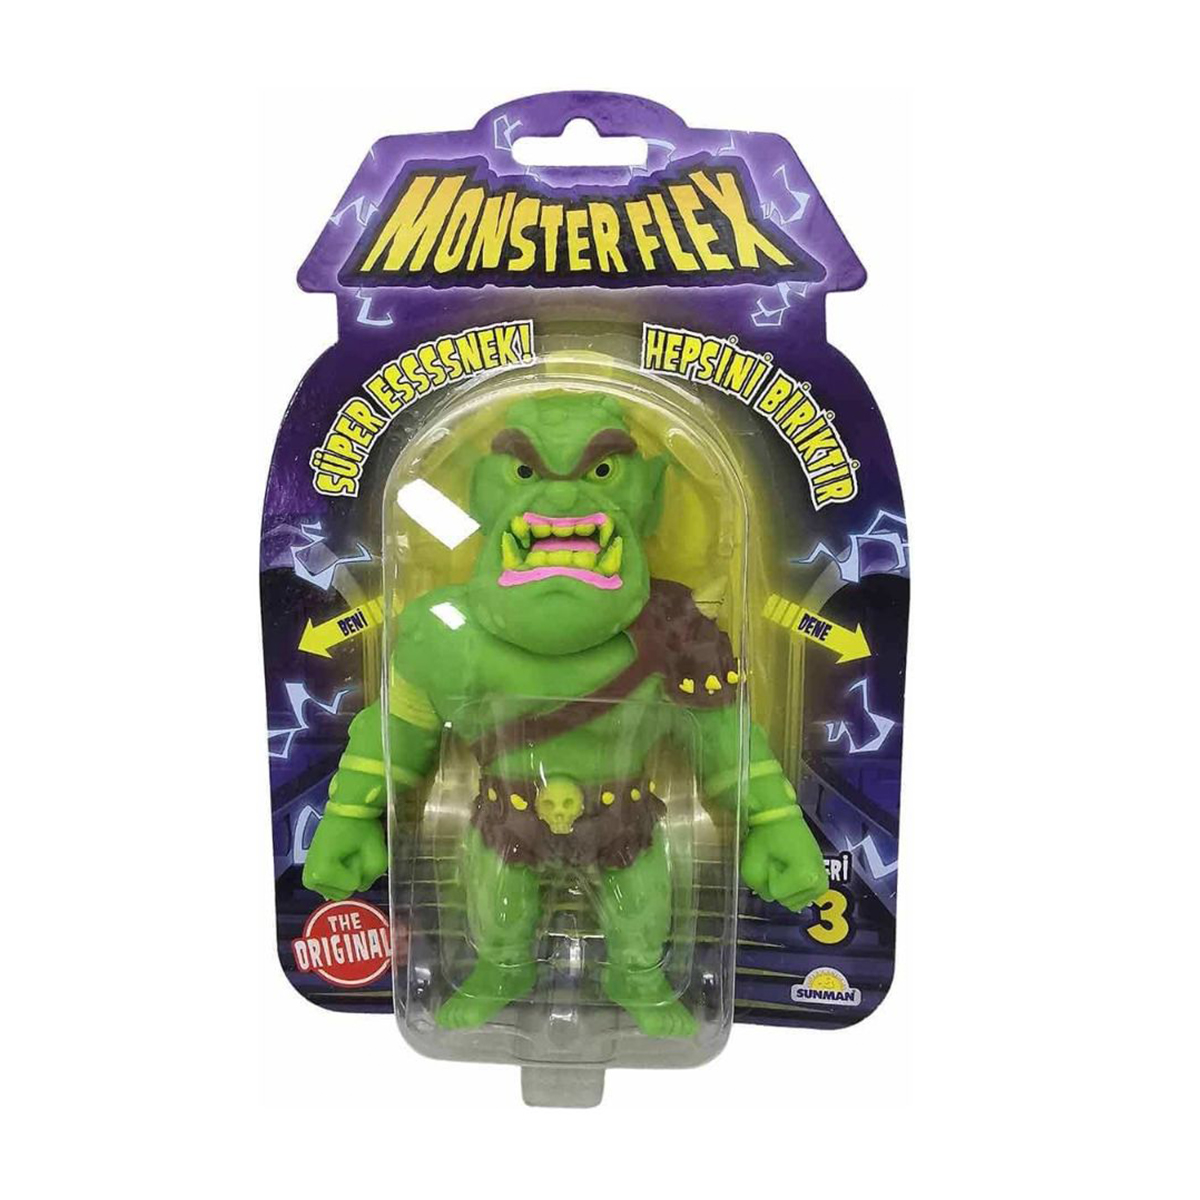 Figurina Monster Flex, Monstrulet care se intinde, S3, Ogre